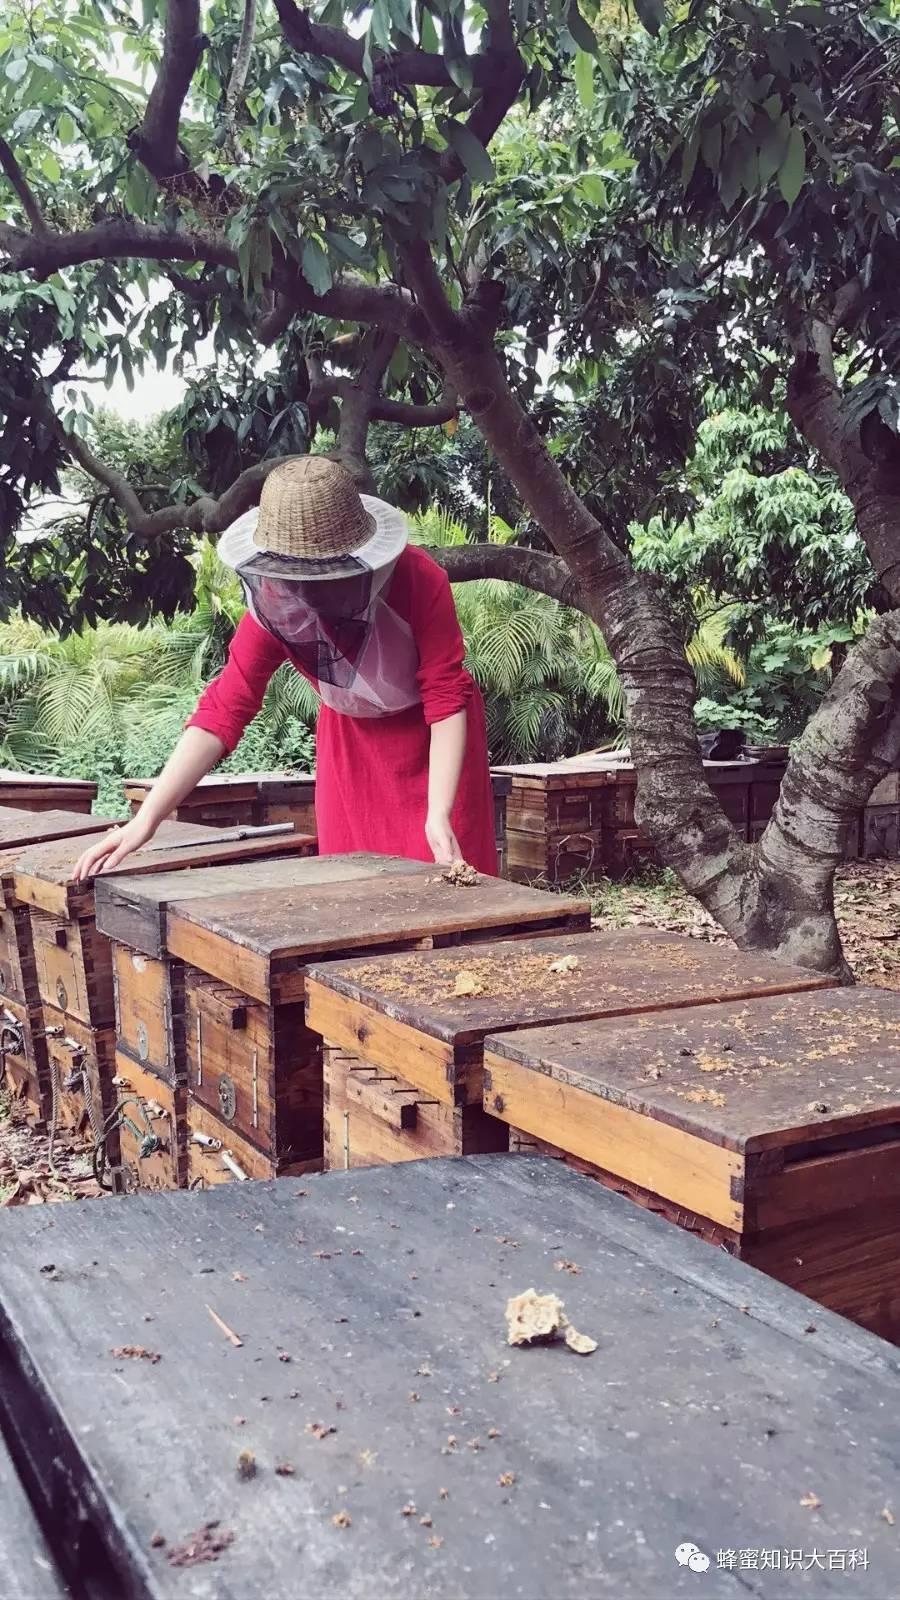 怎样用蜂蜜去痘印 蜂蜜银耳红枣 蕊悦牌北京同仁堂蜂蜜 本溪蜂蜜 基维氏蜂蜜功效